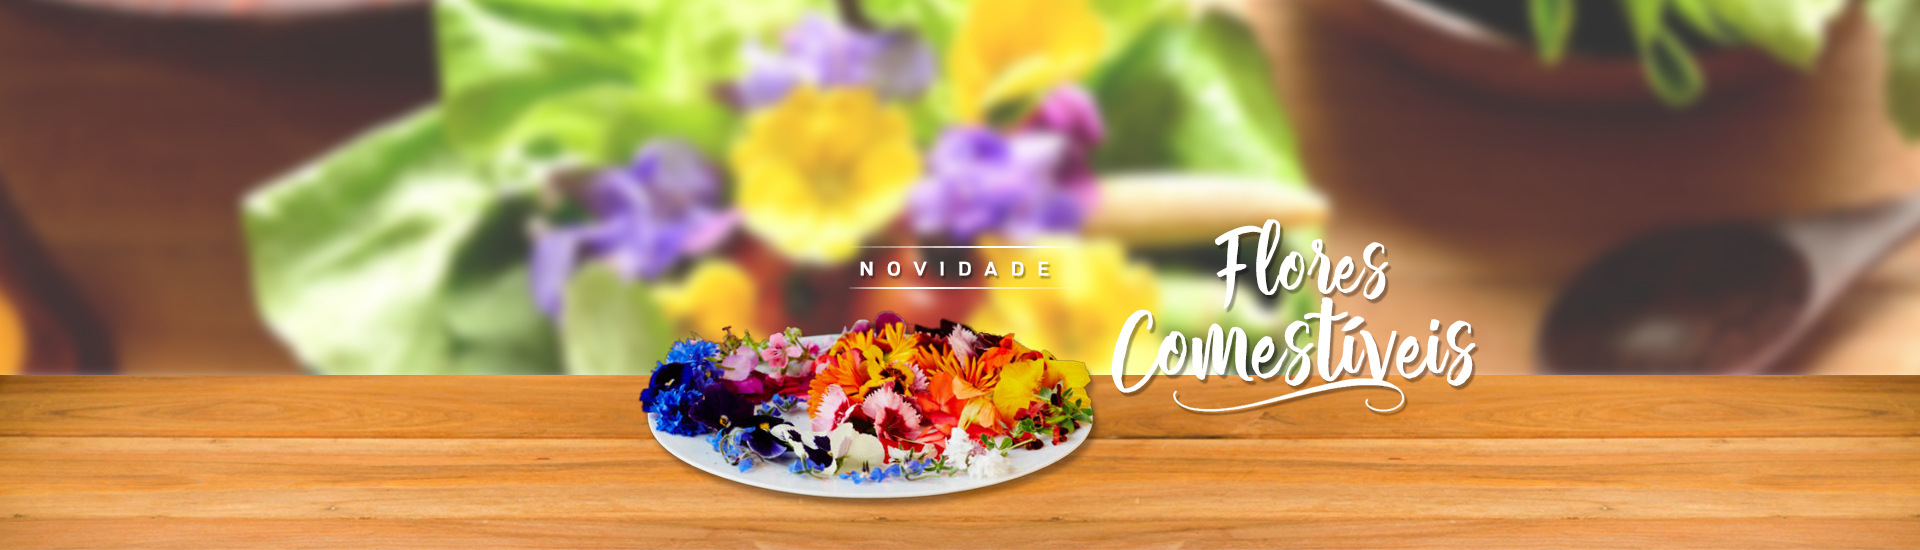 Slide-produtos-novidade-flores-comestiveis